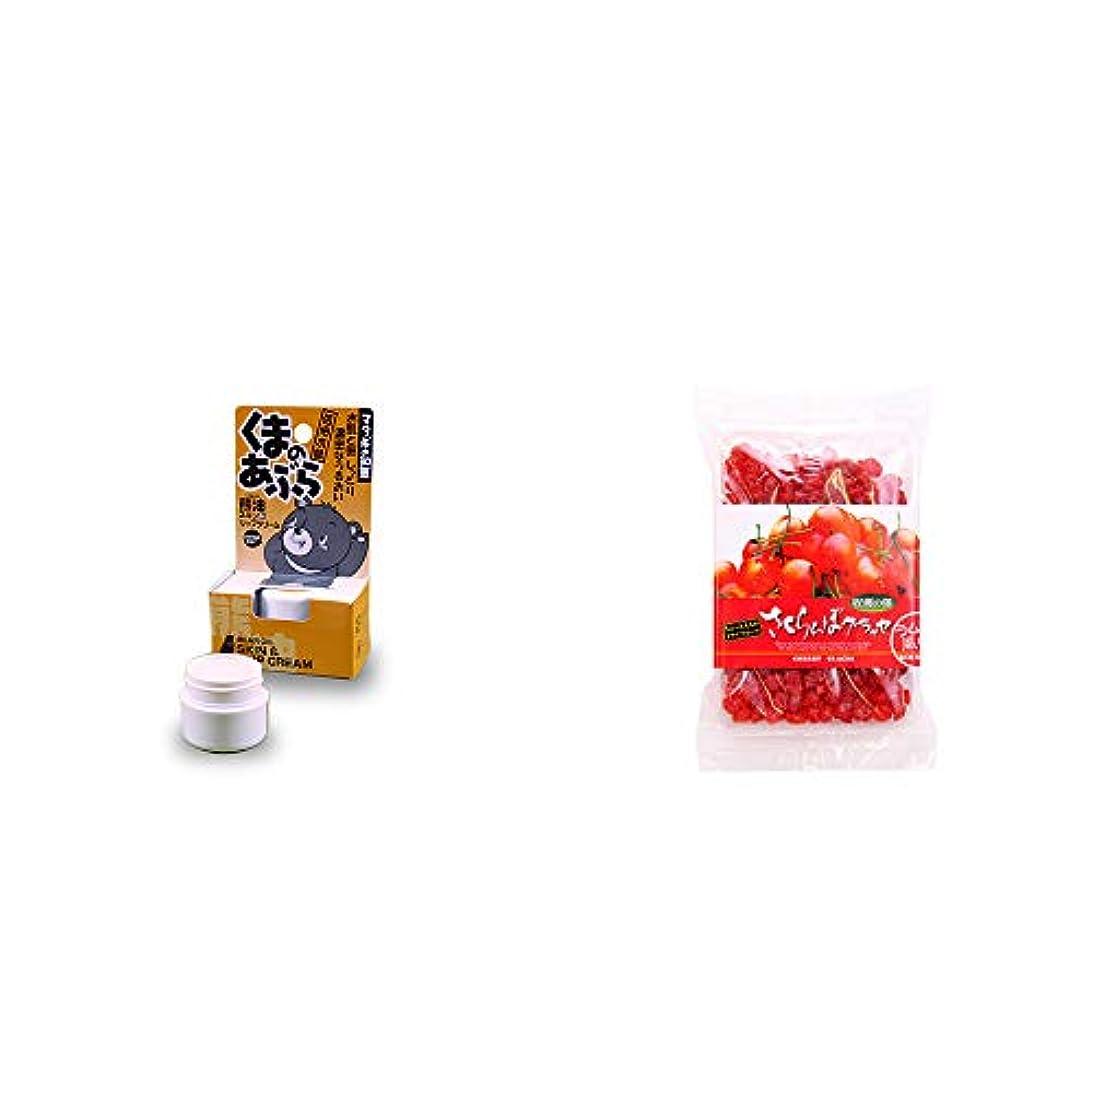 [2点セット] 信州木曽 くまのあぶら 熊油スキン&リップクリーム(9g)?収穫の朝 さくらんぼグラッセ ラム酒風味(180g)